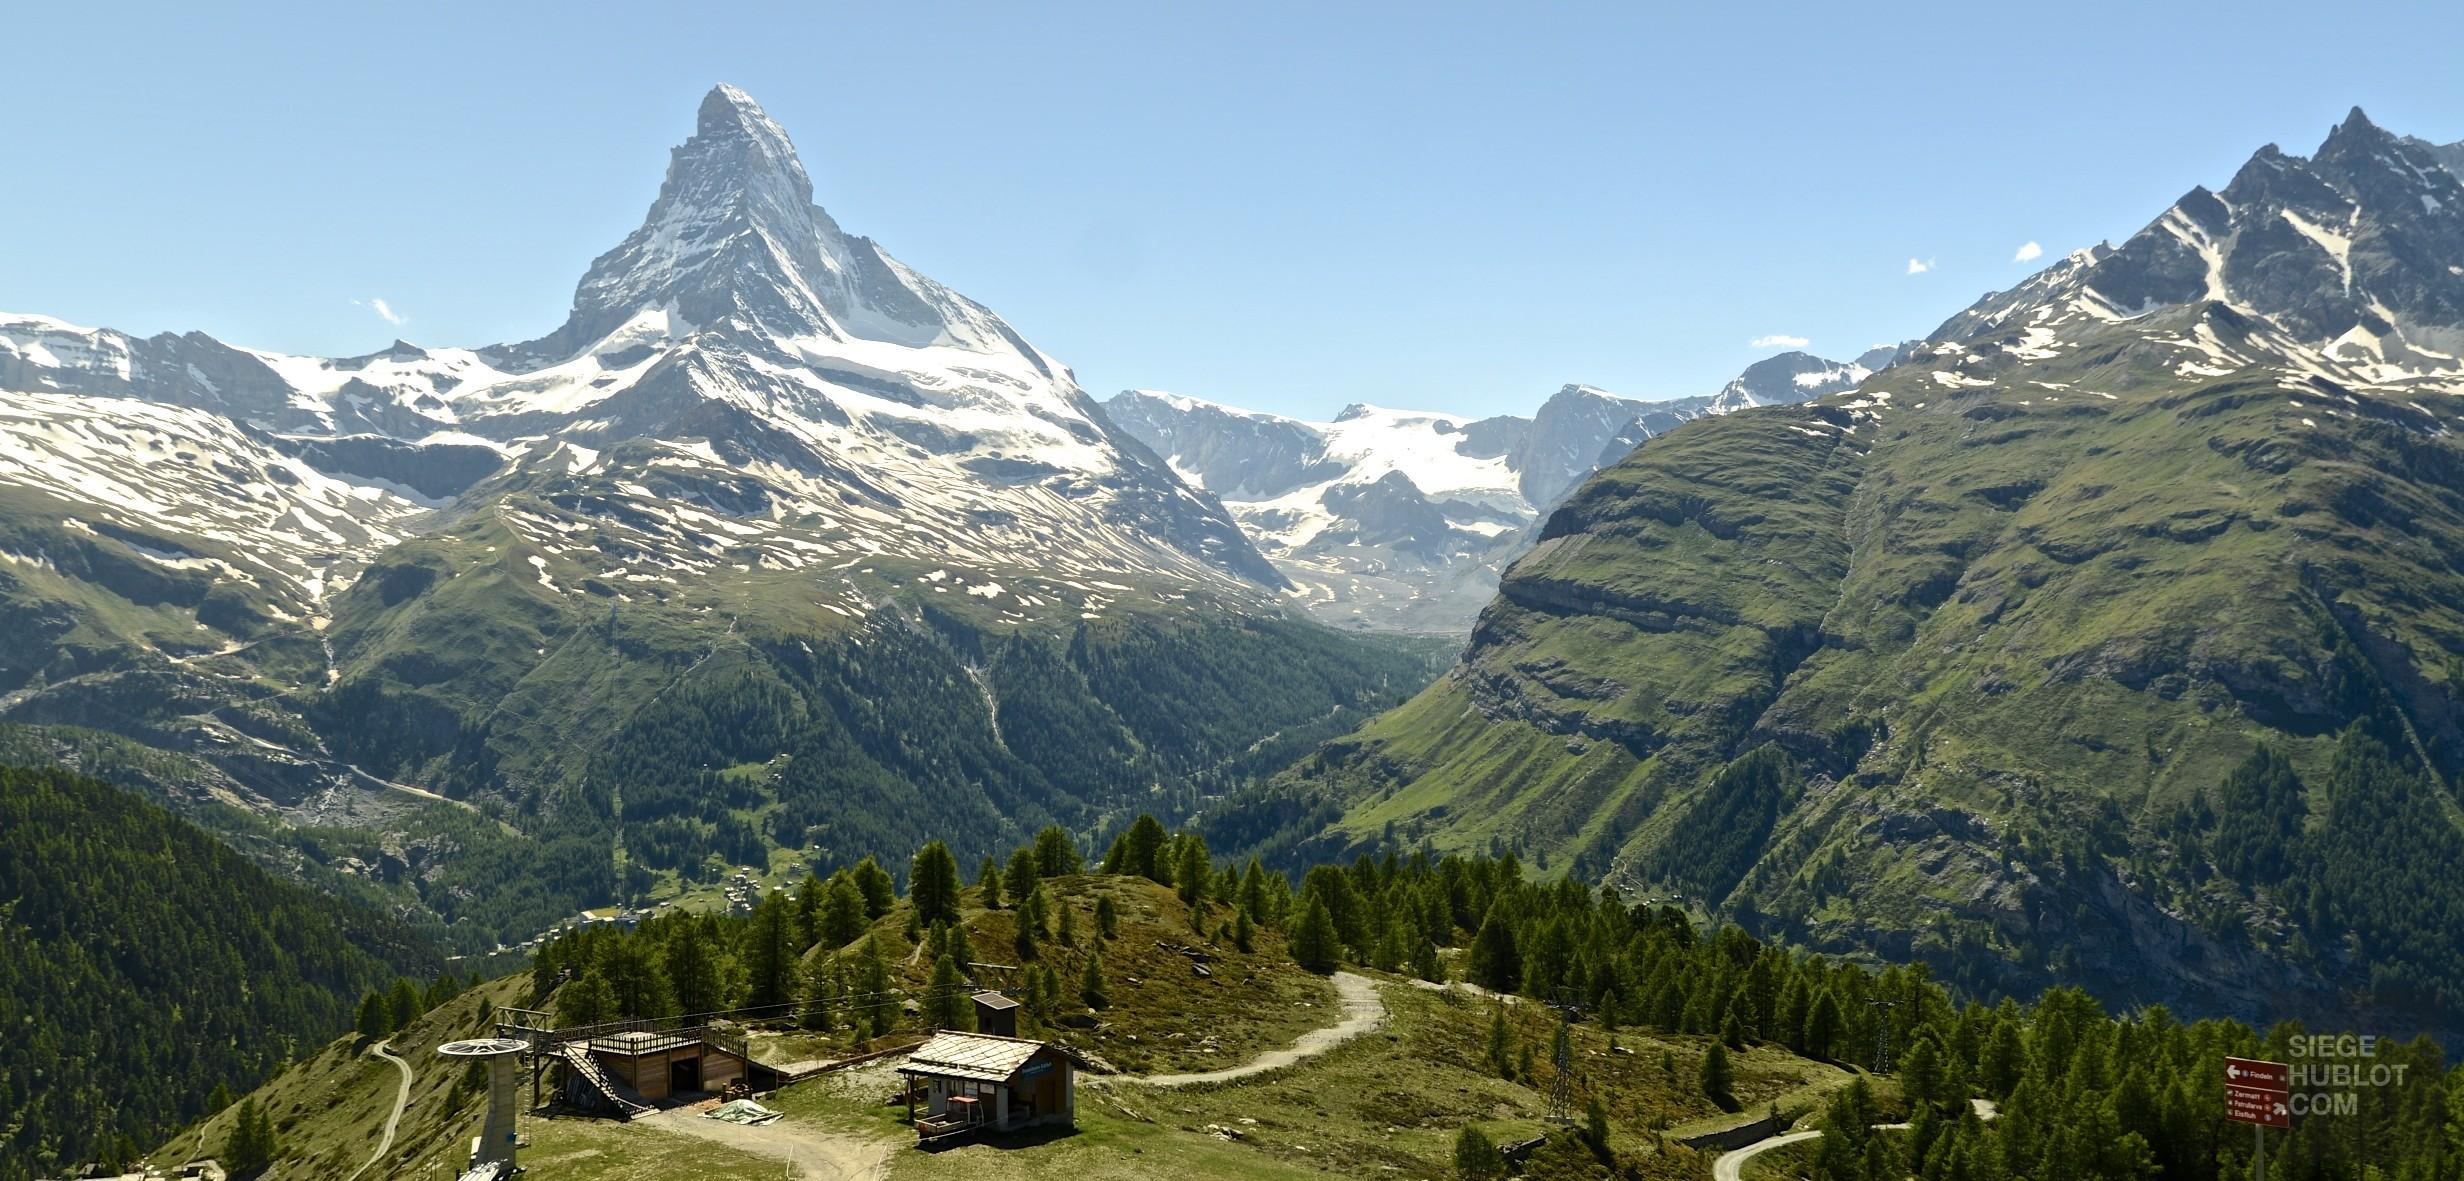 La quintessence de la Suisse - suisse, europe, a-faire